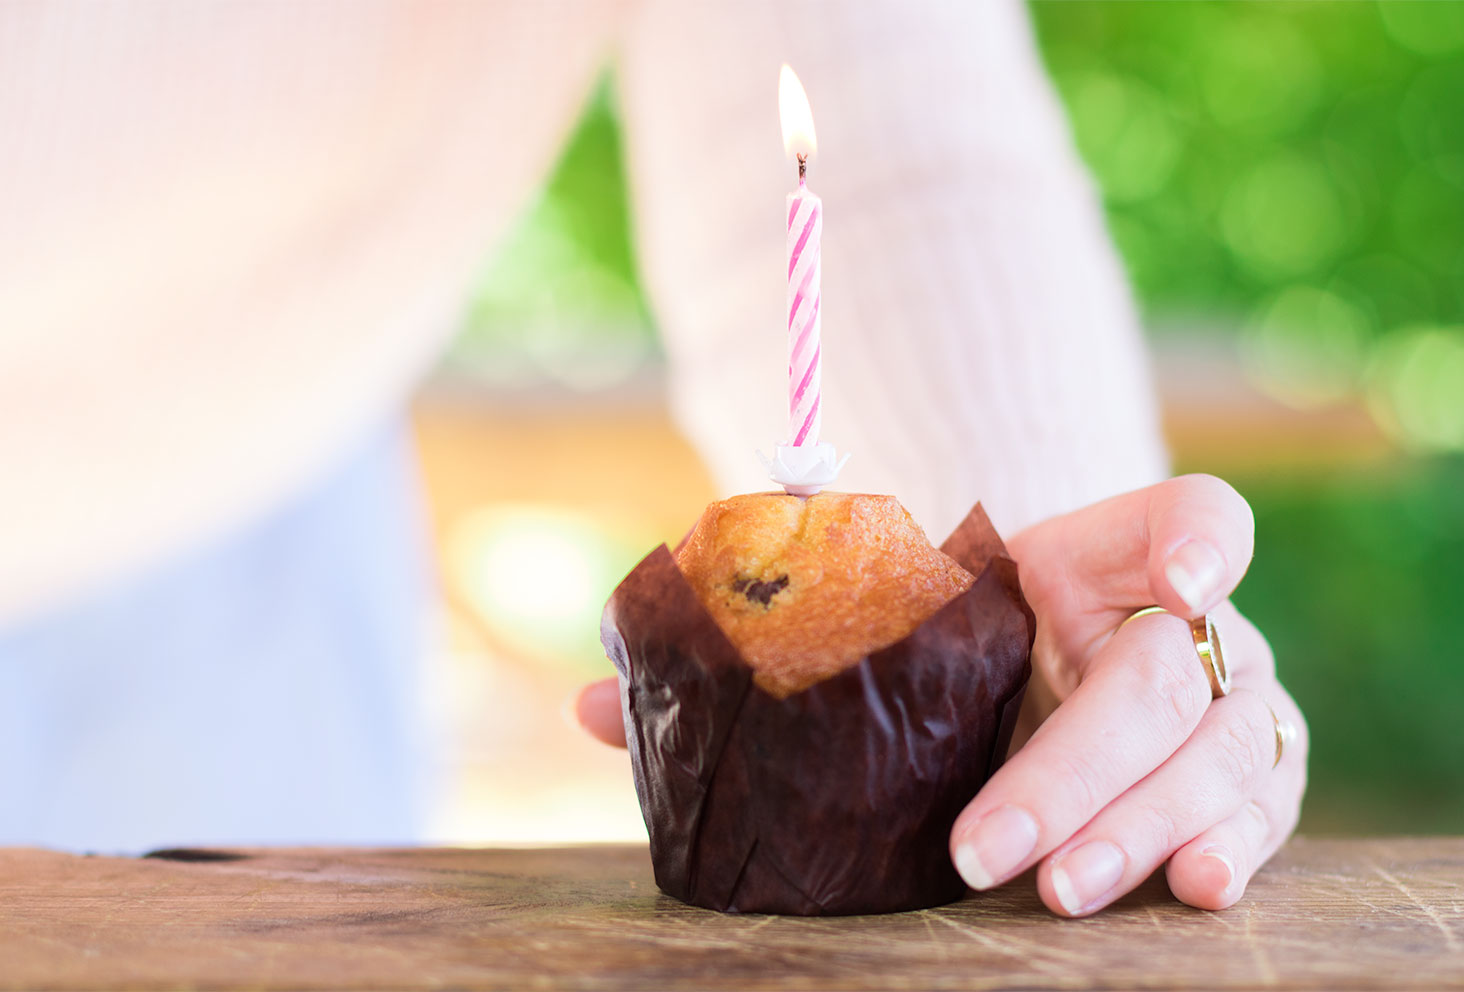 La bougie rose allumée sur le muffin chocolat et noisettes pour les 26 ans